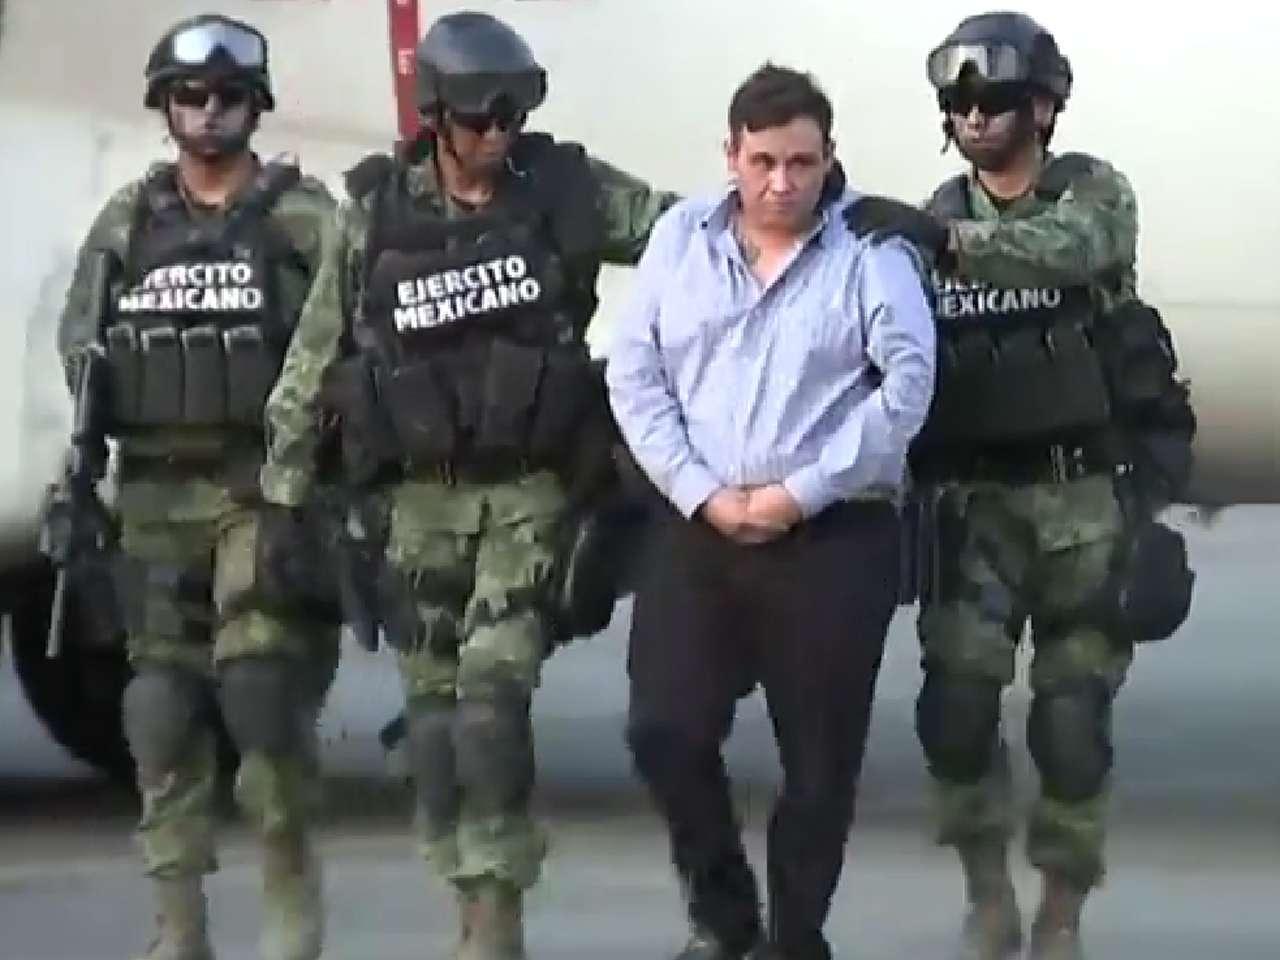 """Autoridades mexicanas presentaron a Omar Treviño Morales, alias """"El Z-42"""", máximo líder de la organización delictiva """"Los Zetas"""", ante los medios de comunicación. Foto: YouTube"""